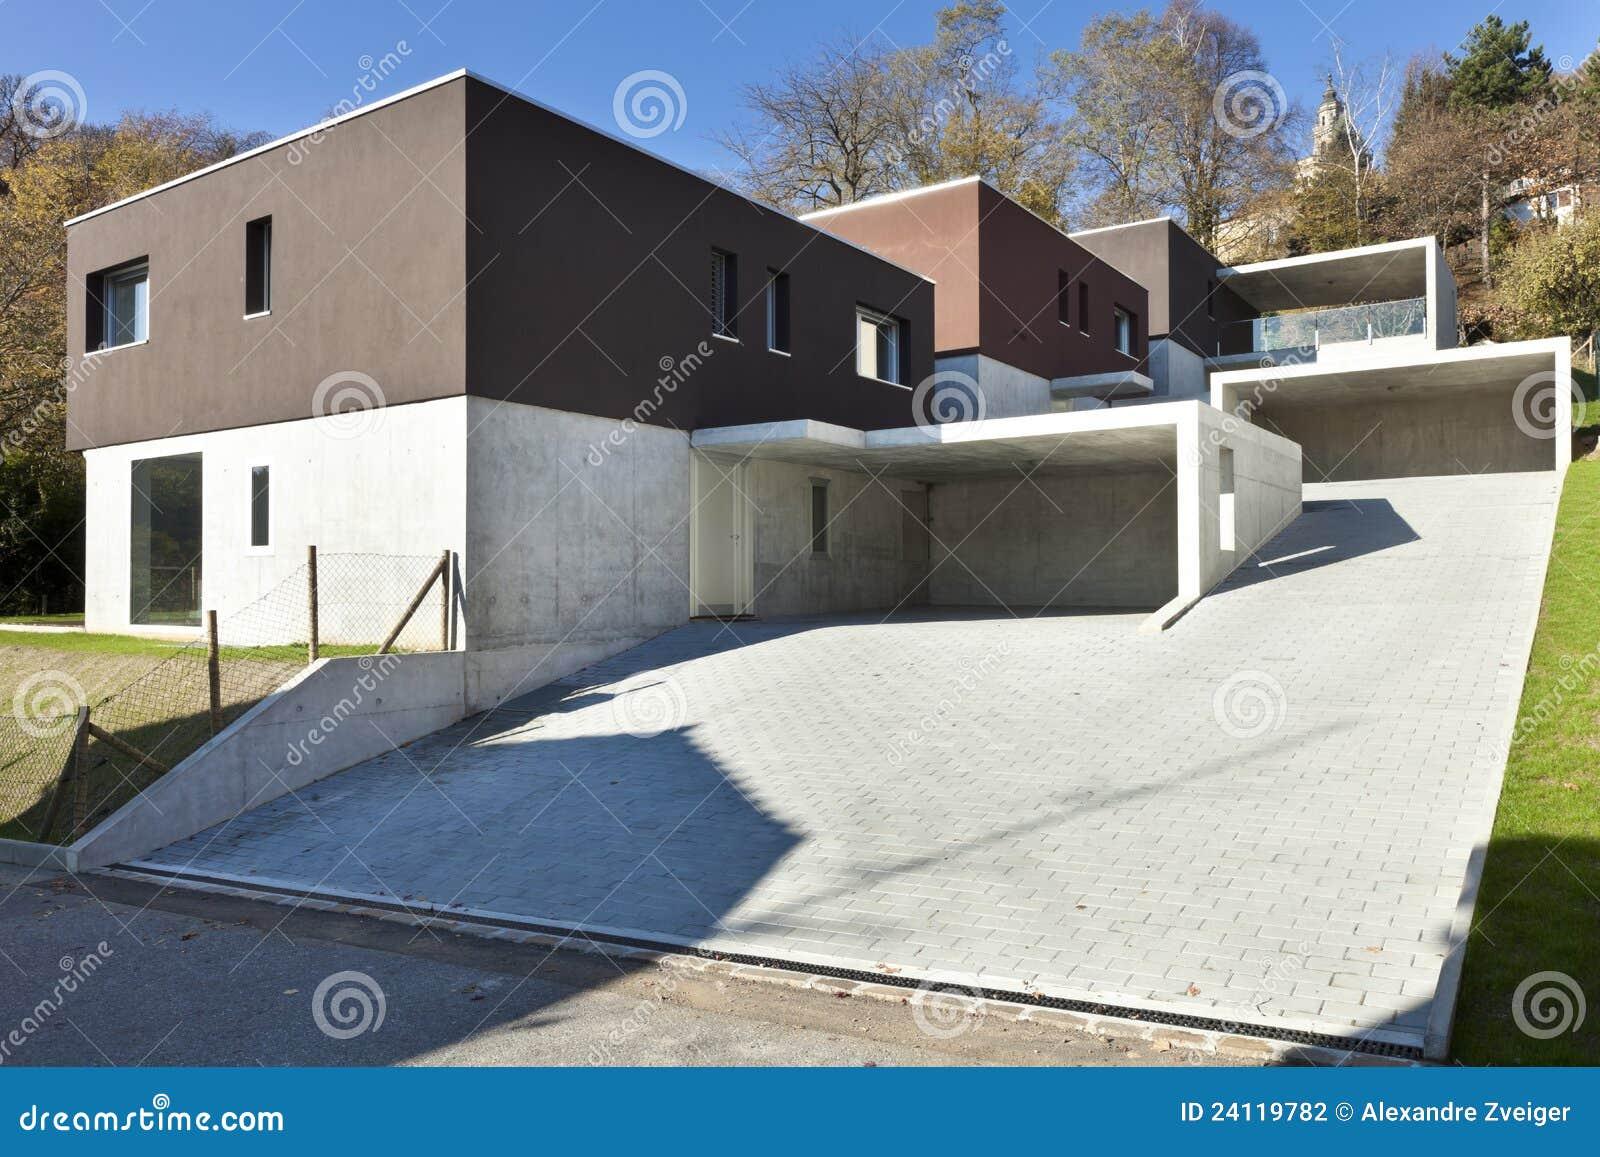 Case moderne esterne fotografia stock immagine di giorno for Foto case arredate moderne